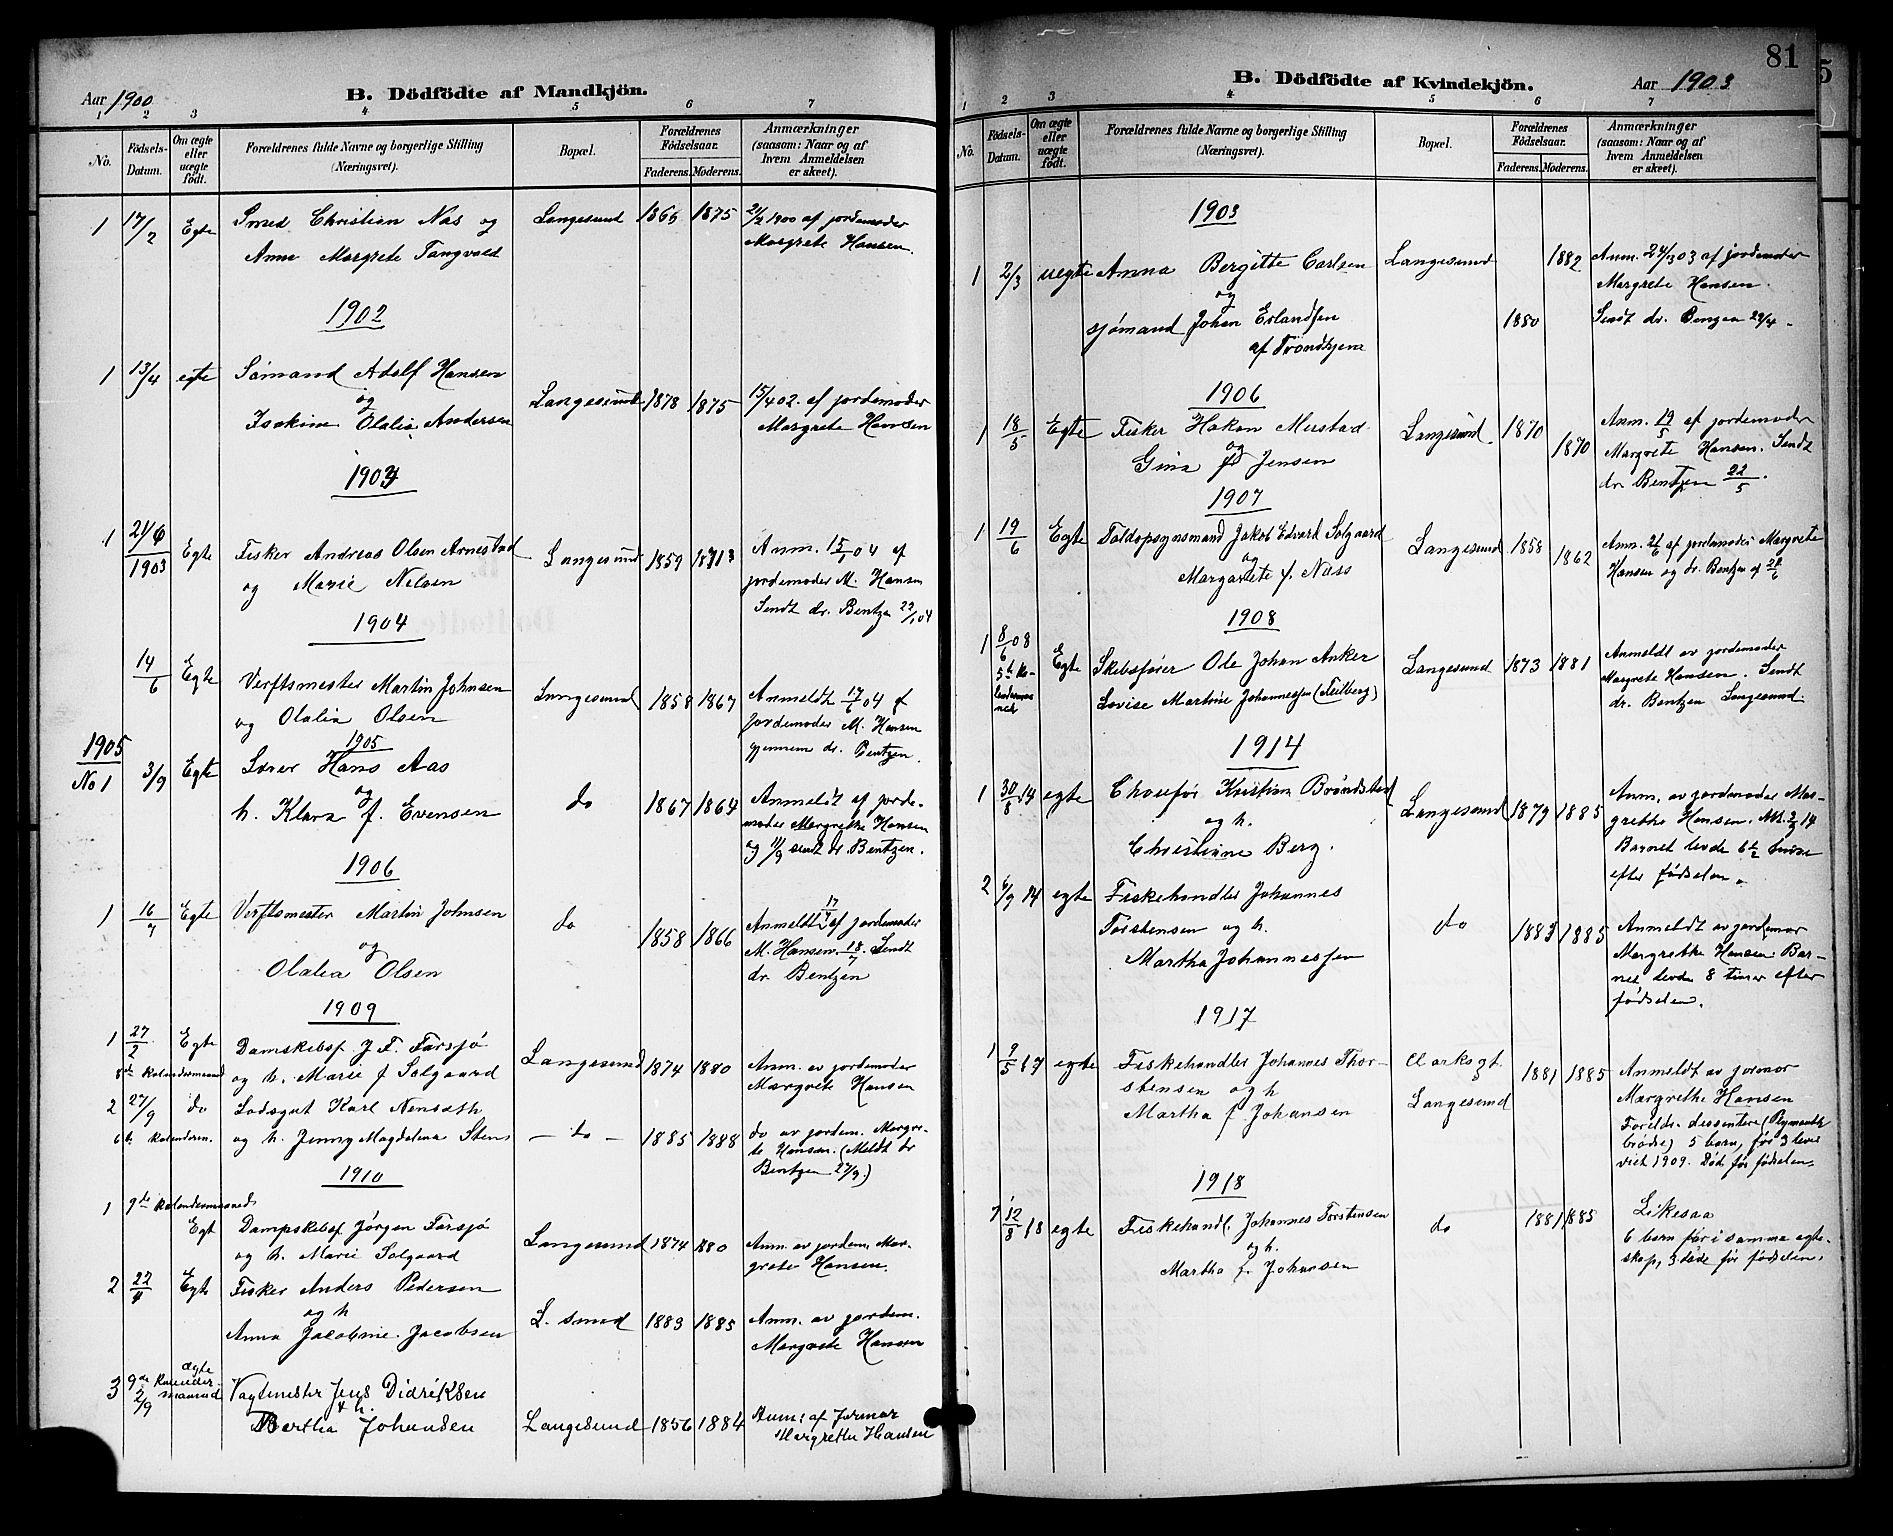 SAKO, Langesund kirkebøker, G/Ga/L0006: Klokkerbok nr. 6, 1899-1918, s. 81